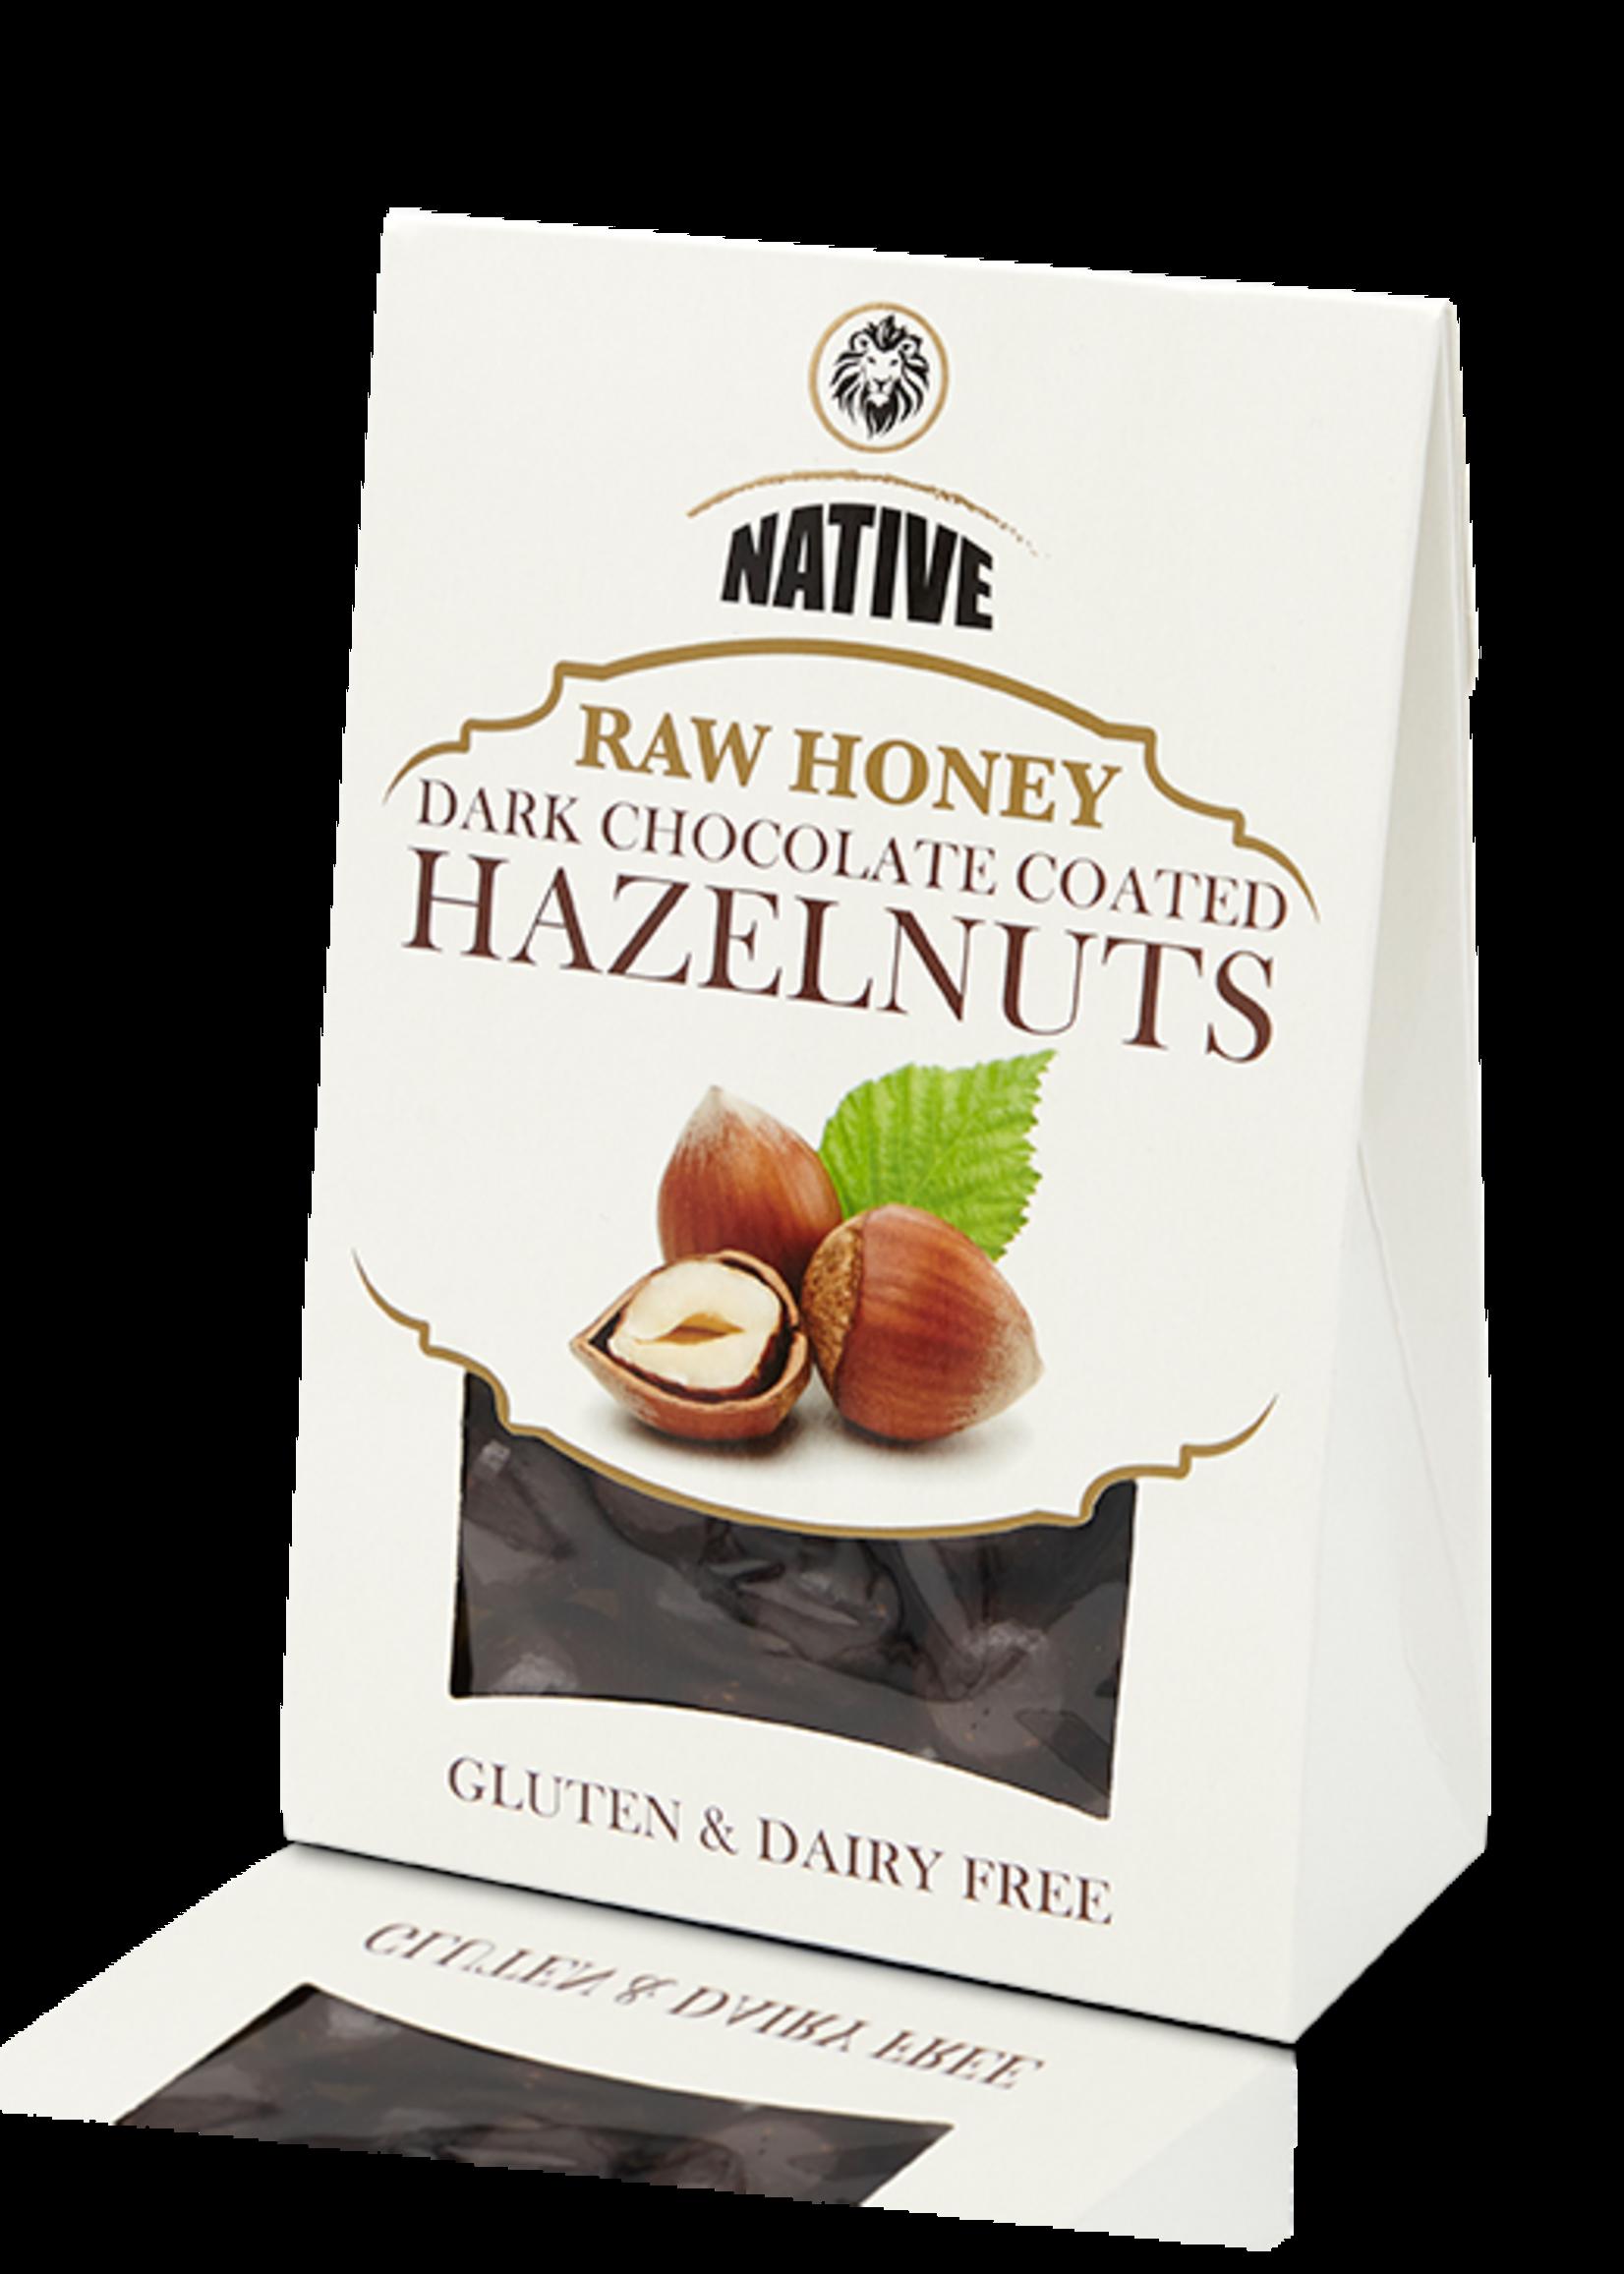 Native Native - Hazelnut- Raw Honey & Choc 100g